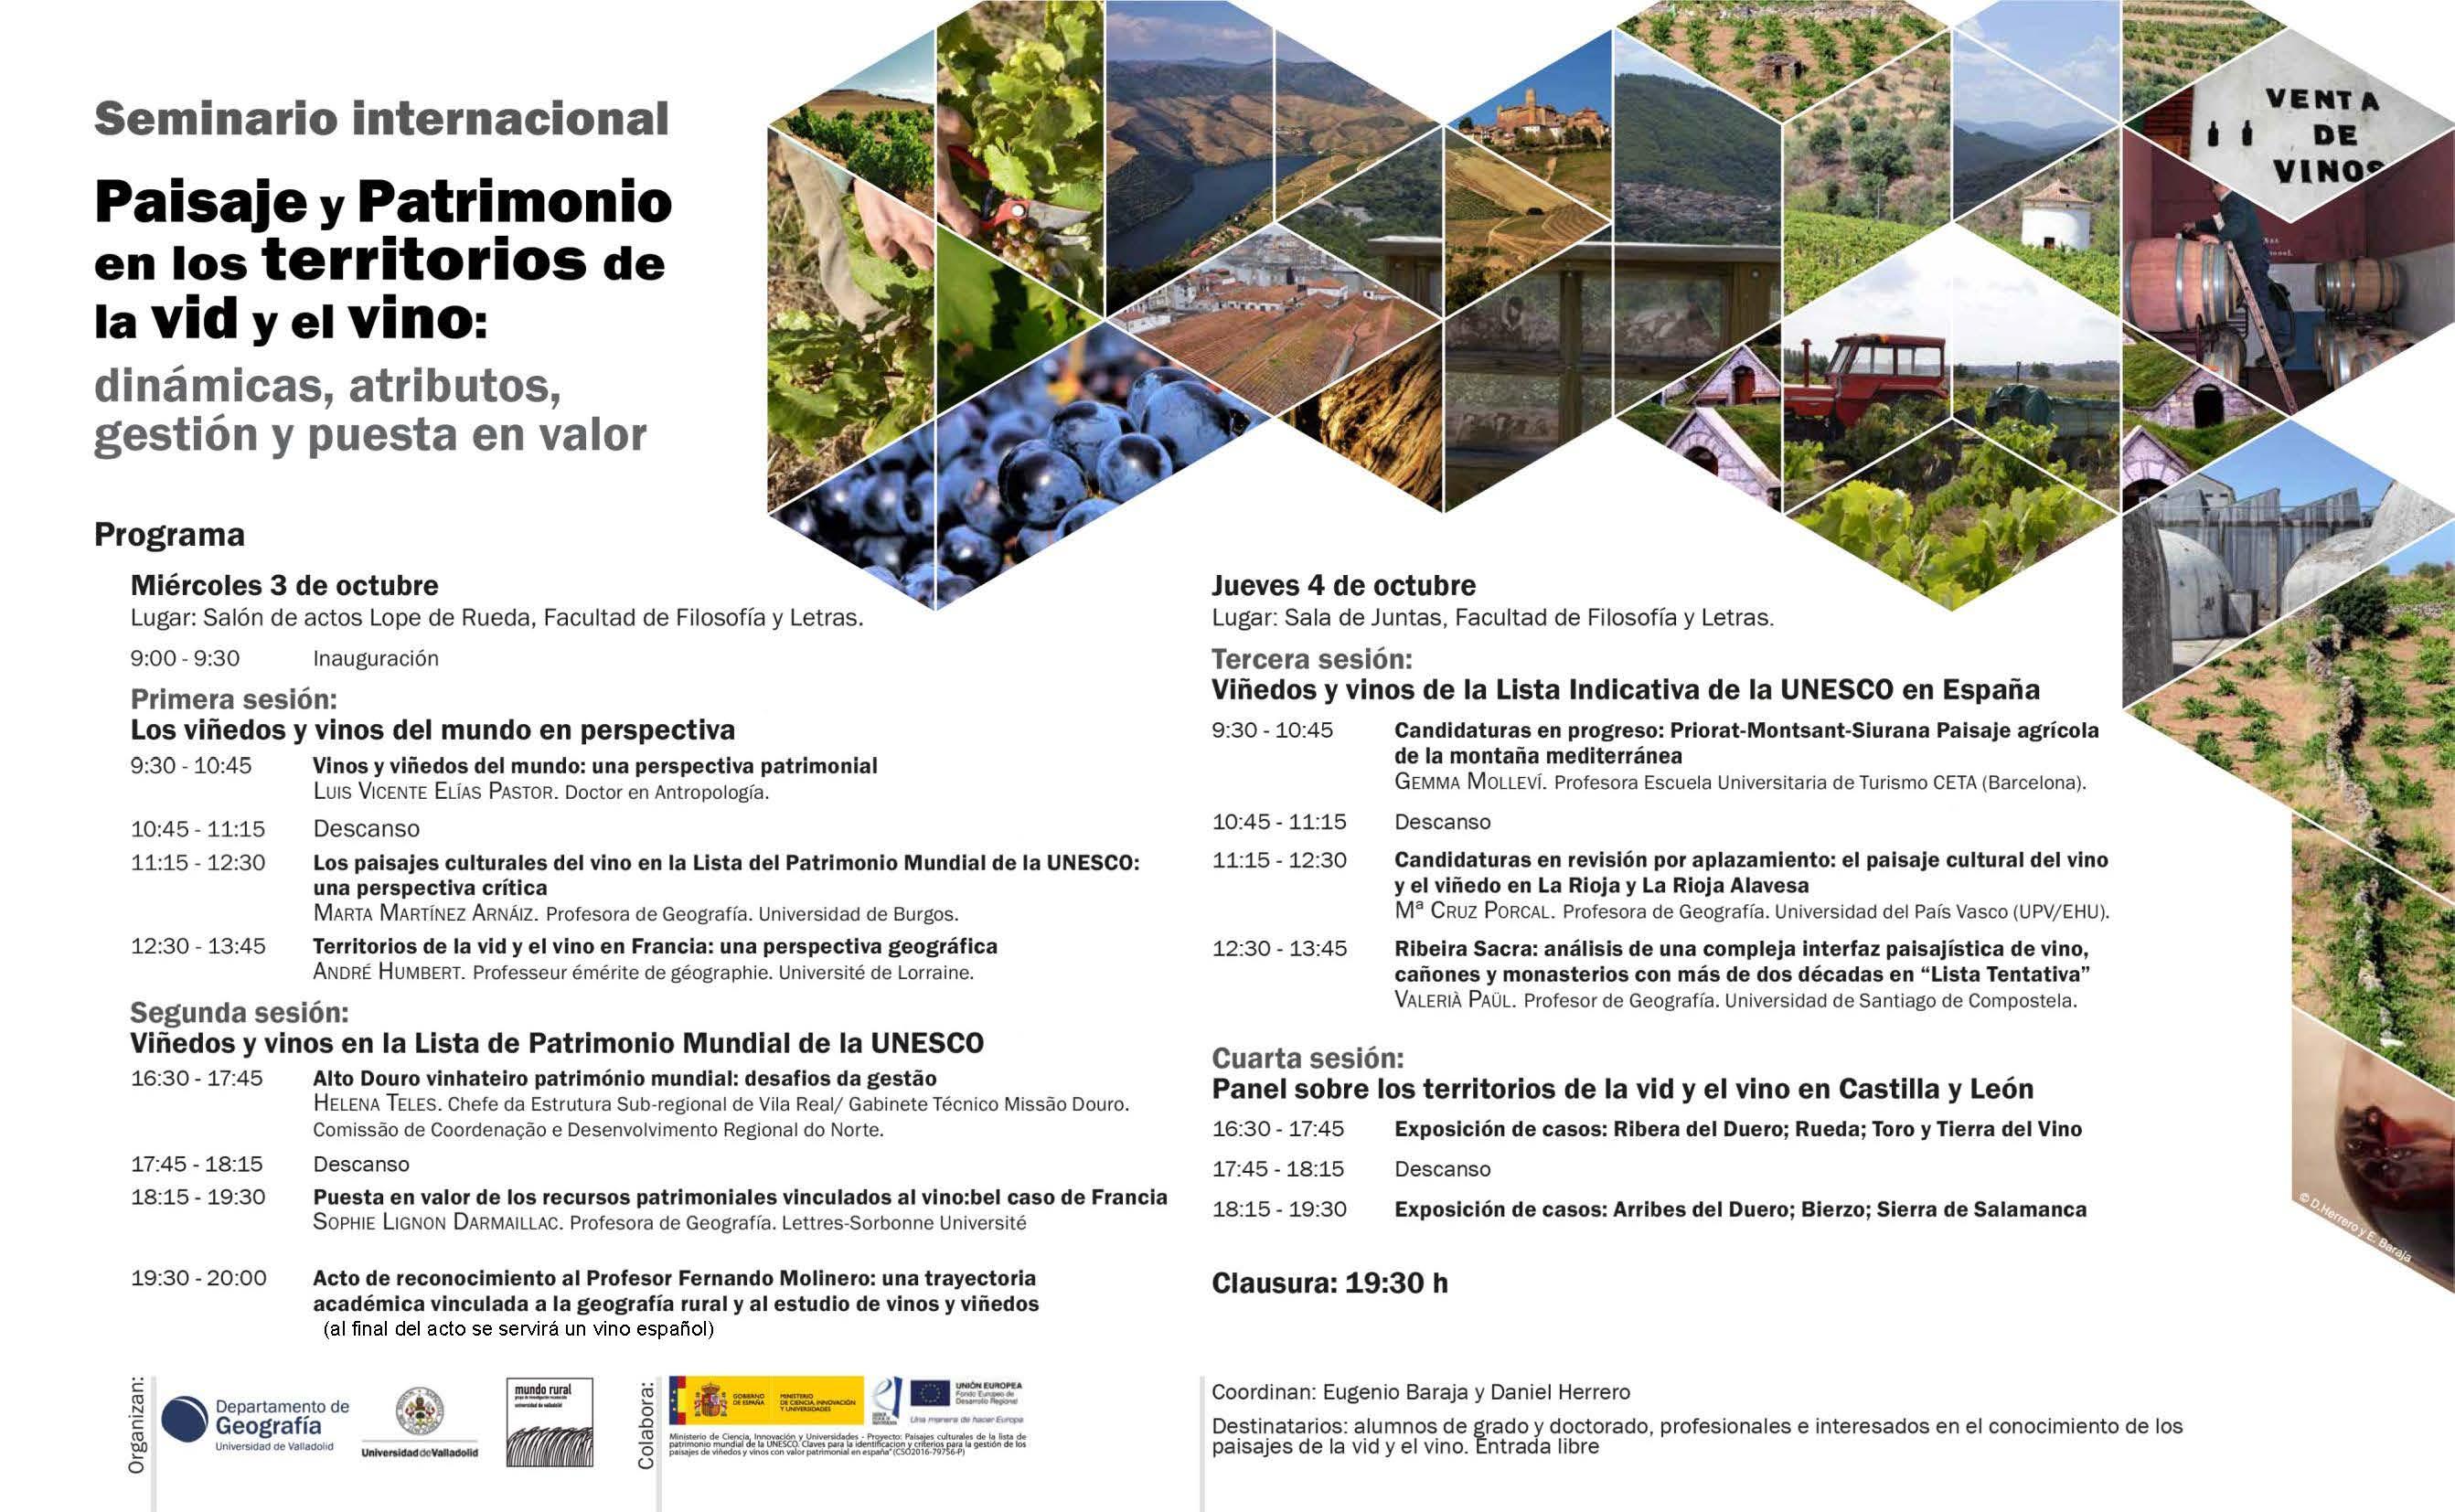 Seminario Internacional: Paisaje y Patrimonio en los territorios de la vid y el vino